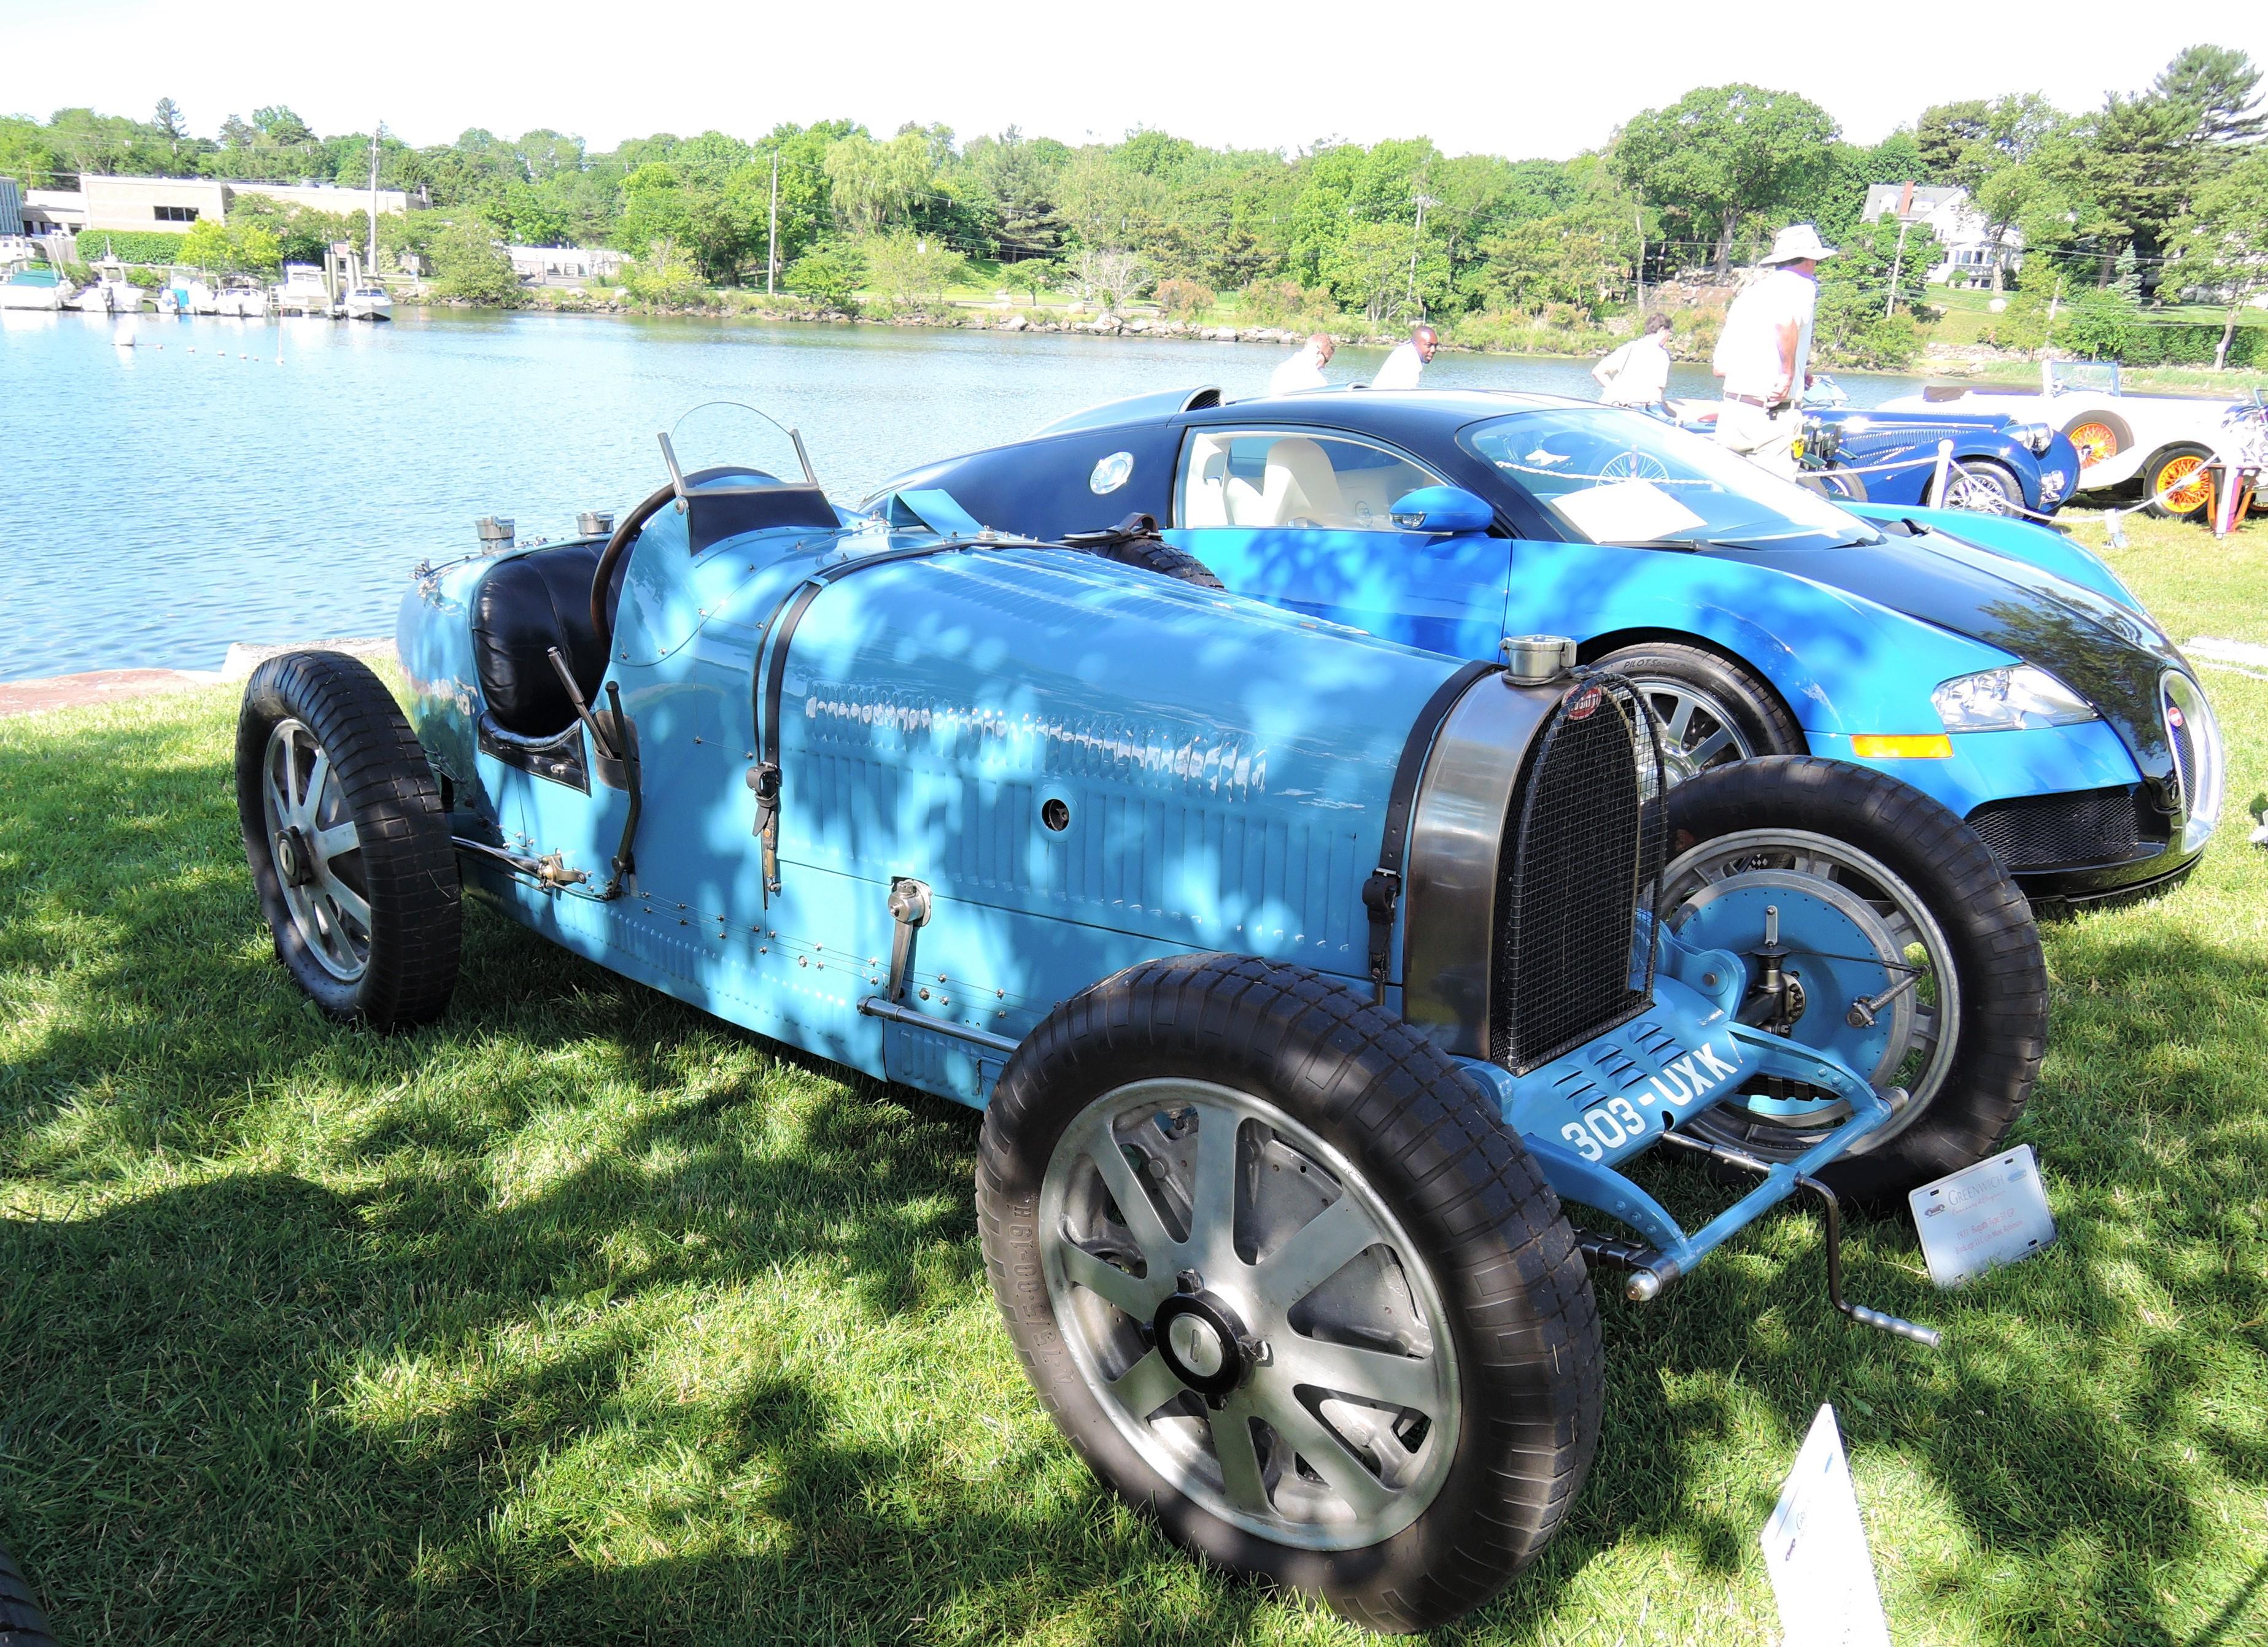 blue 1931 Bugatti Type 51 Grand Prix Roadster - Greenwich Concours d'Elegance 2017